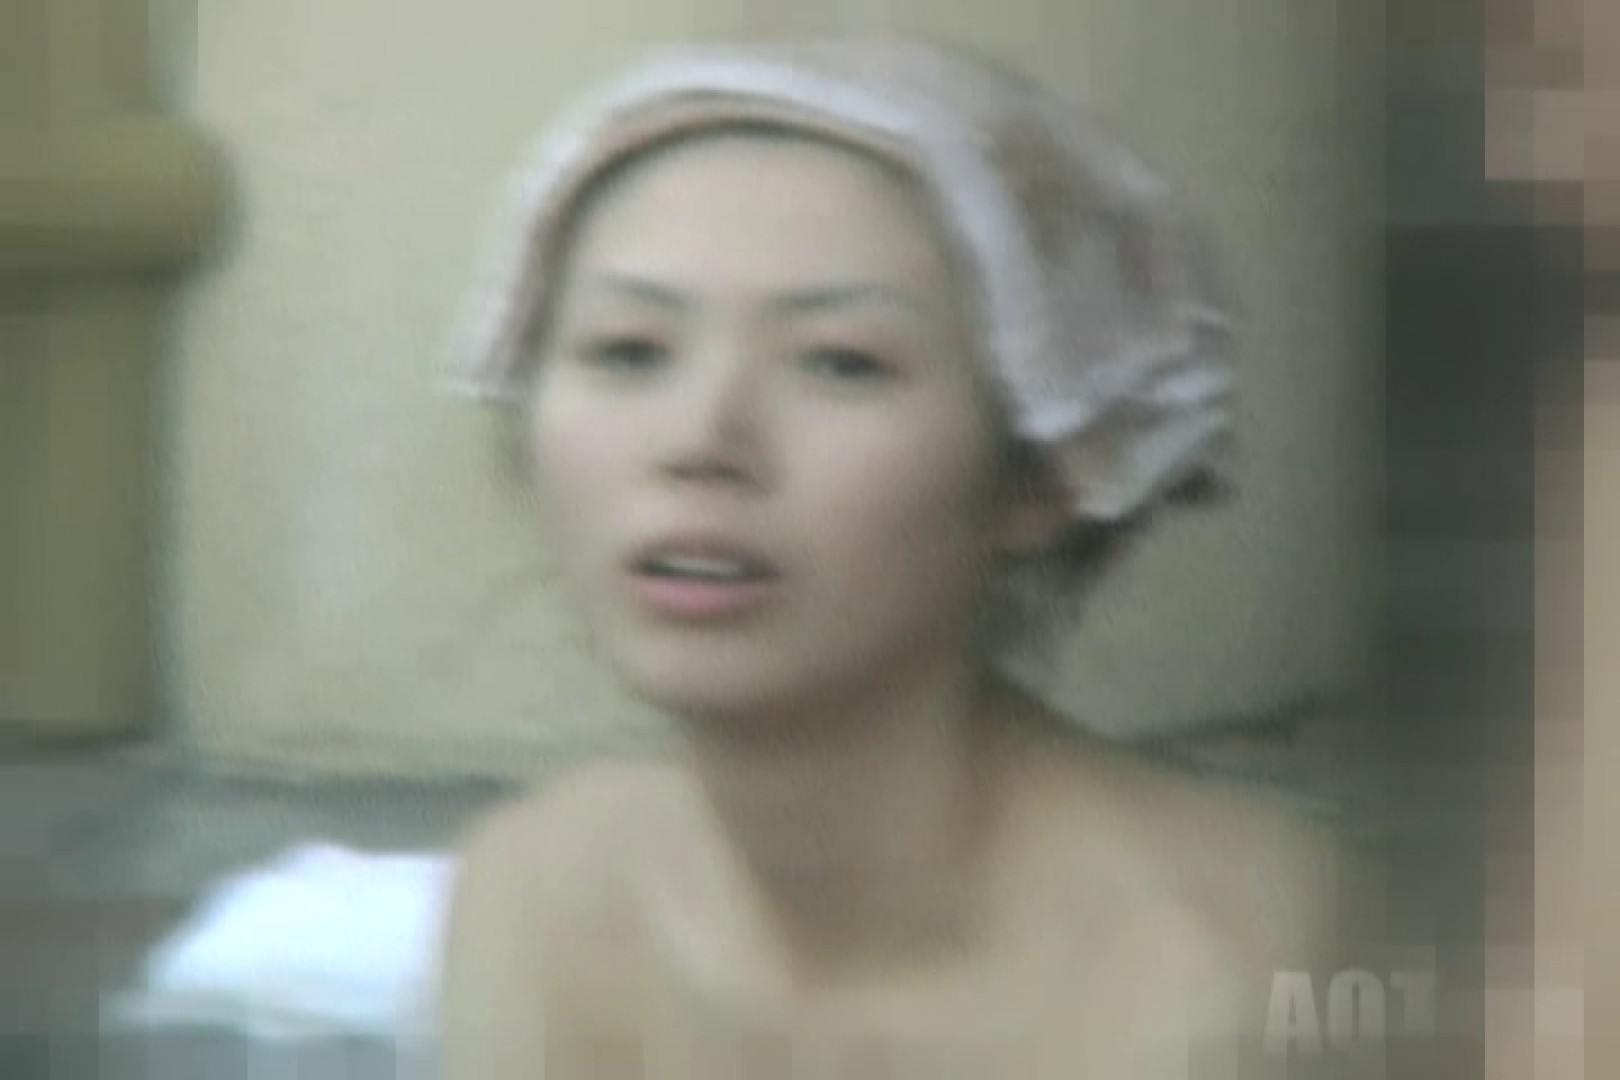 Aquaな露天風呂Vol.856 露天風呂 | 盗撮  74連発 64